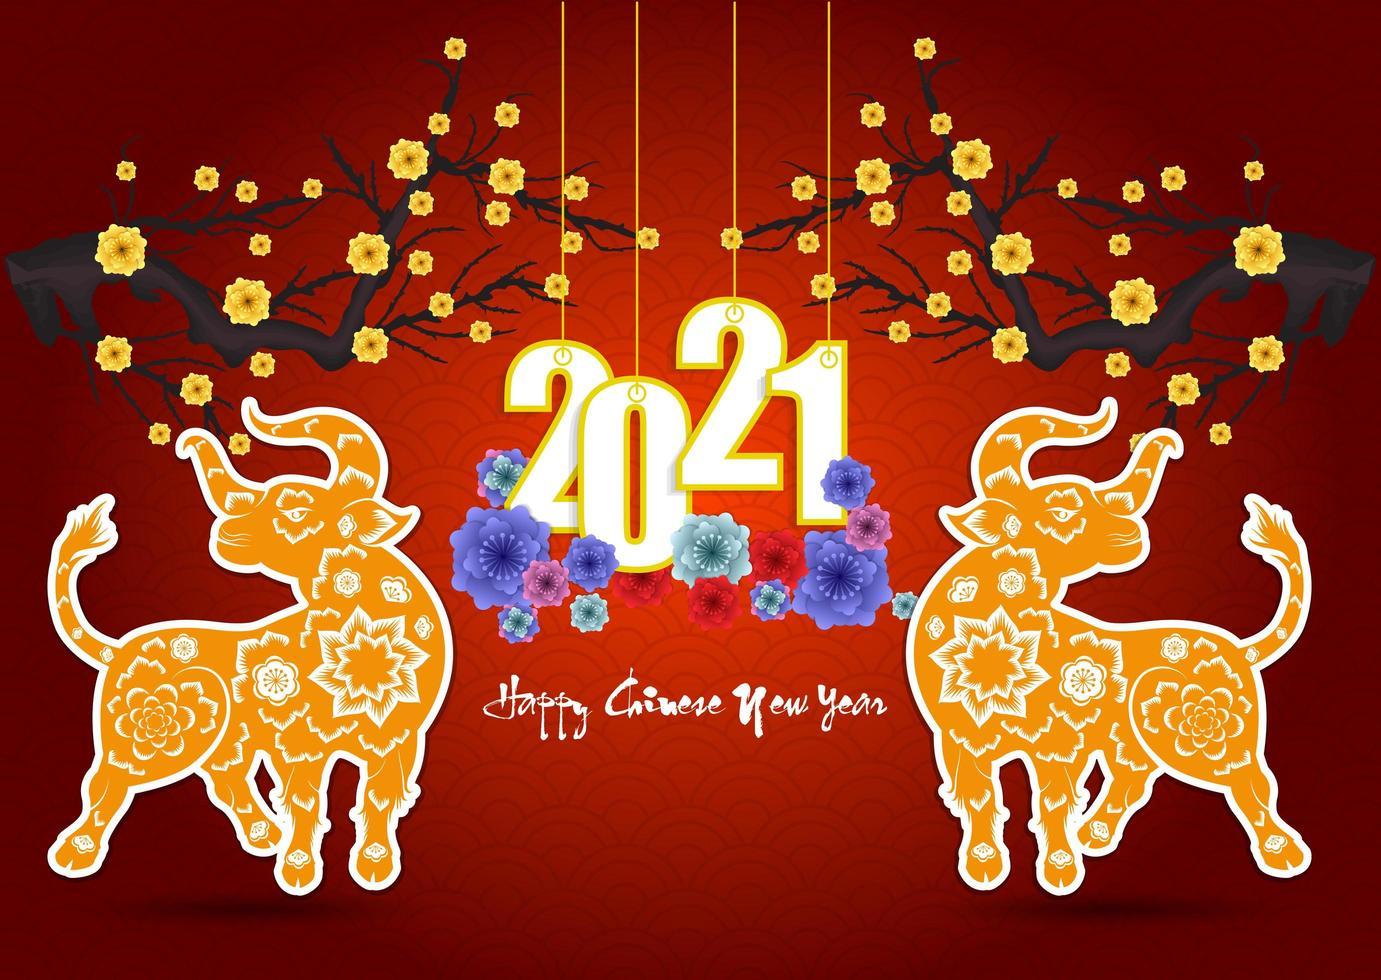 capodanno cinese 2021 poster con fiori e buoi vettore